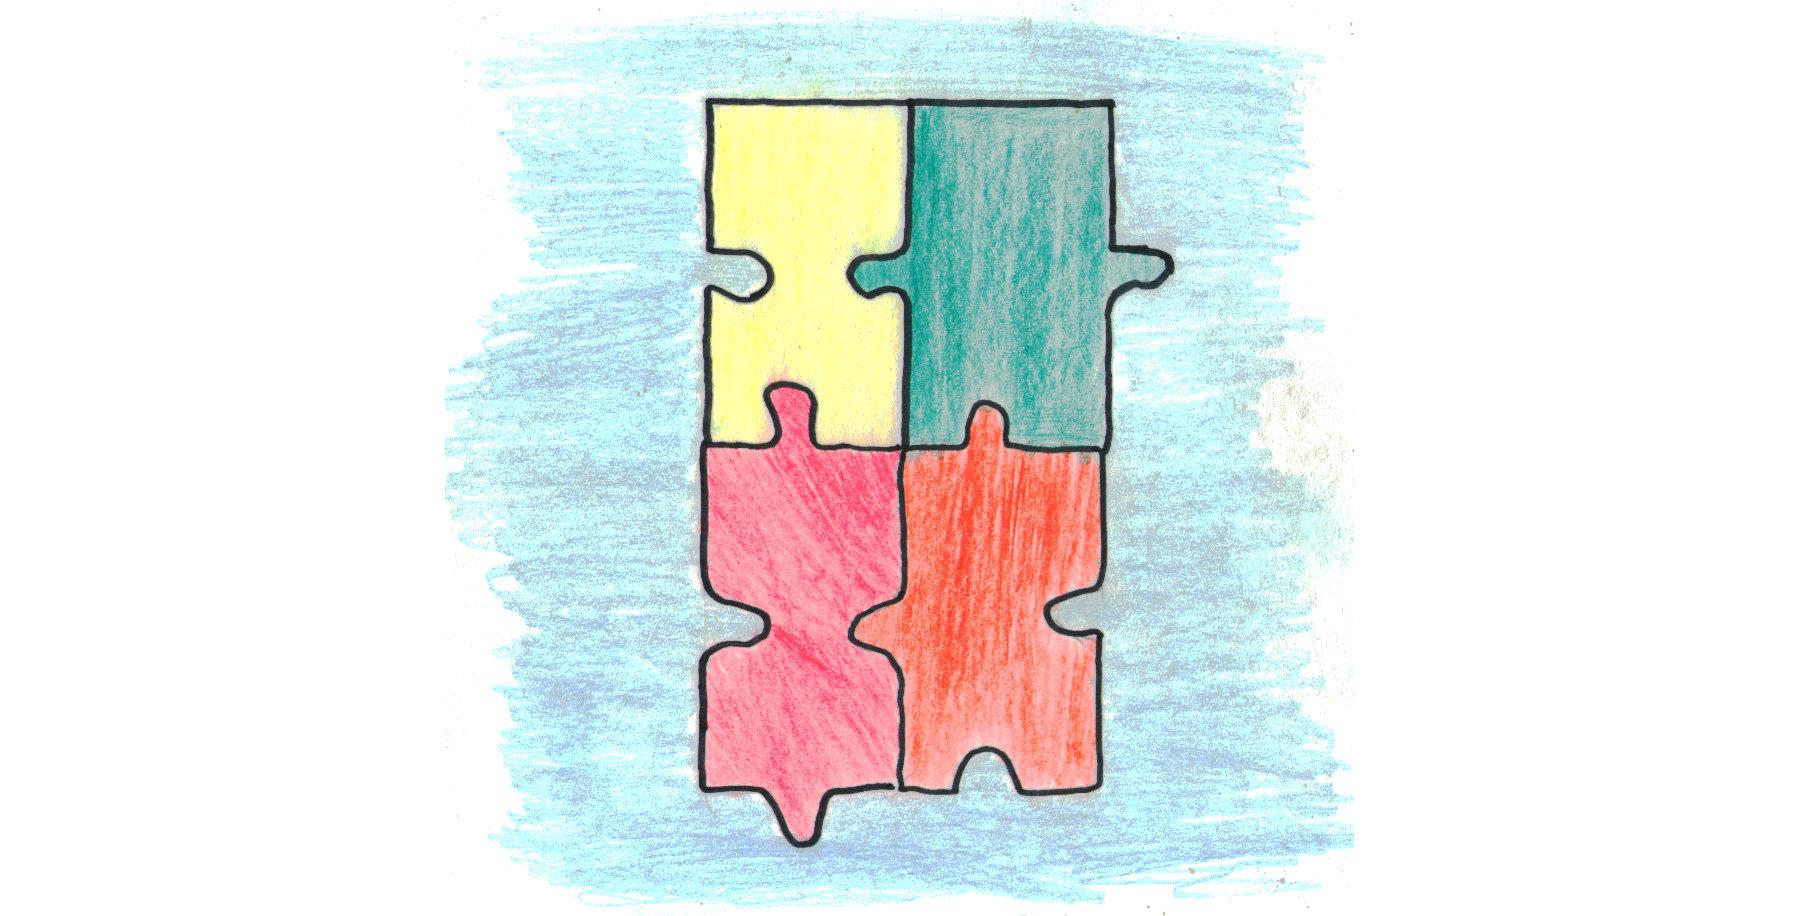 Взгляд невролога на проблему аутизма - 1